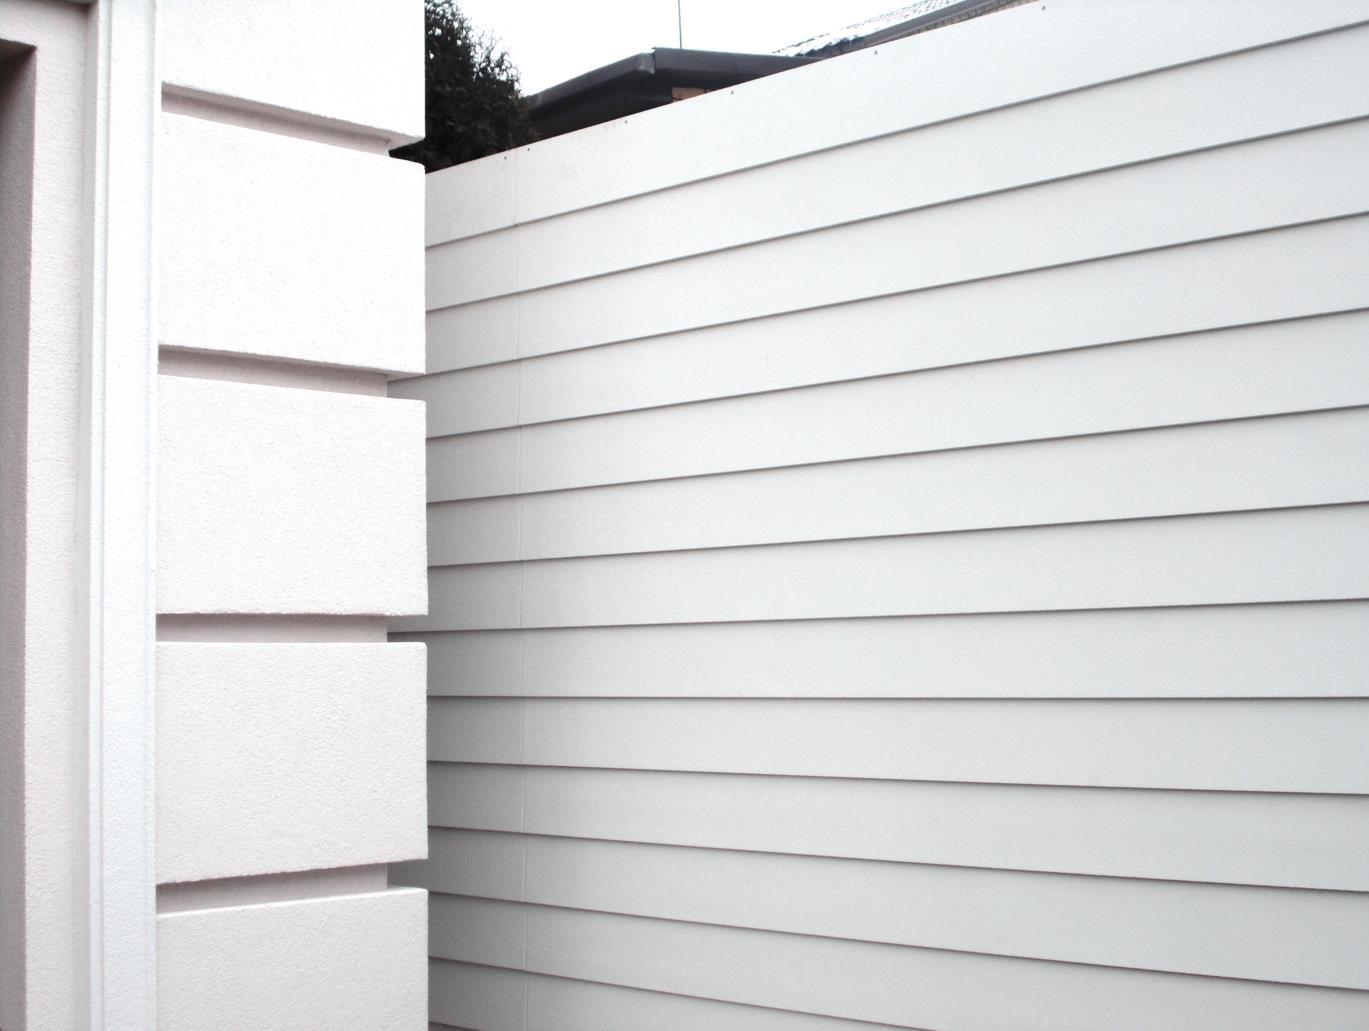 Белоснежное ограждение из доски КЕДРАЛ для белоснежного особняка в неоклассическом стиле